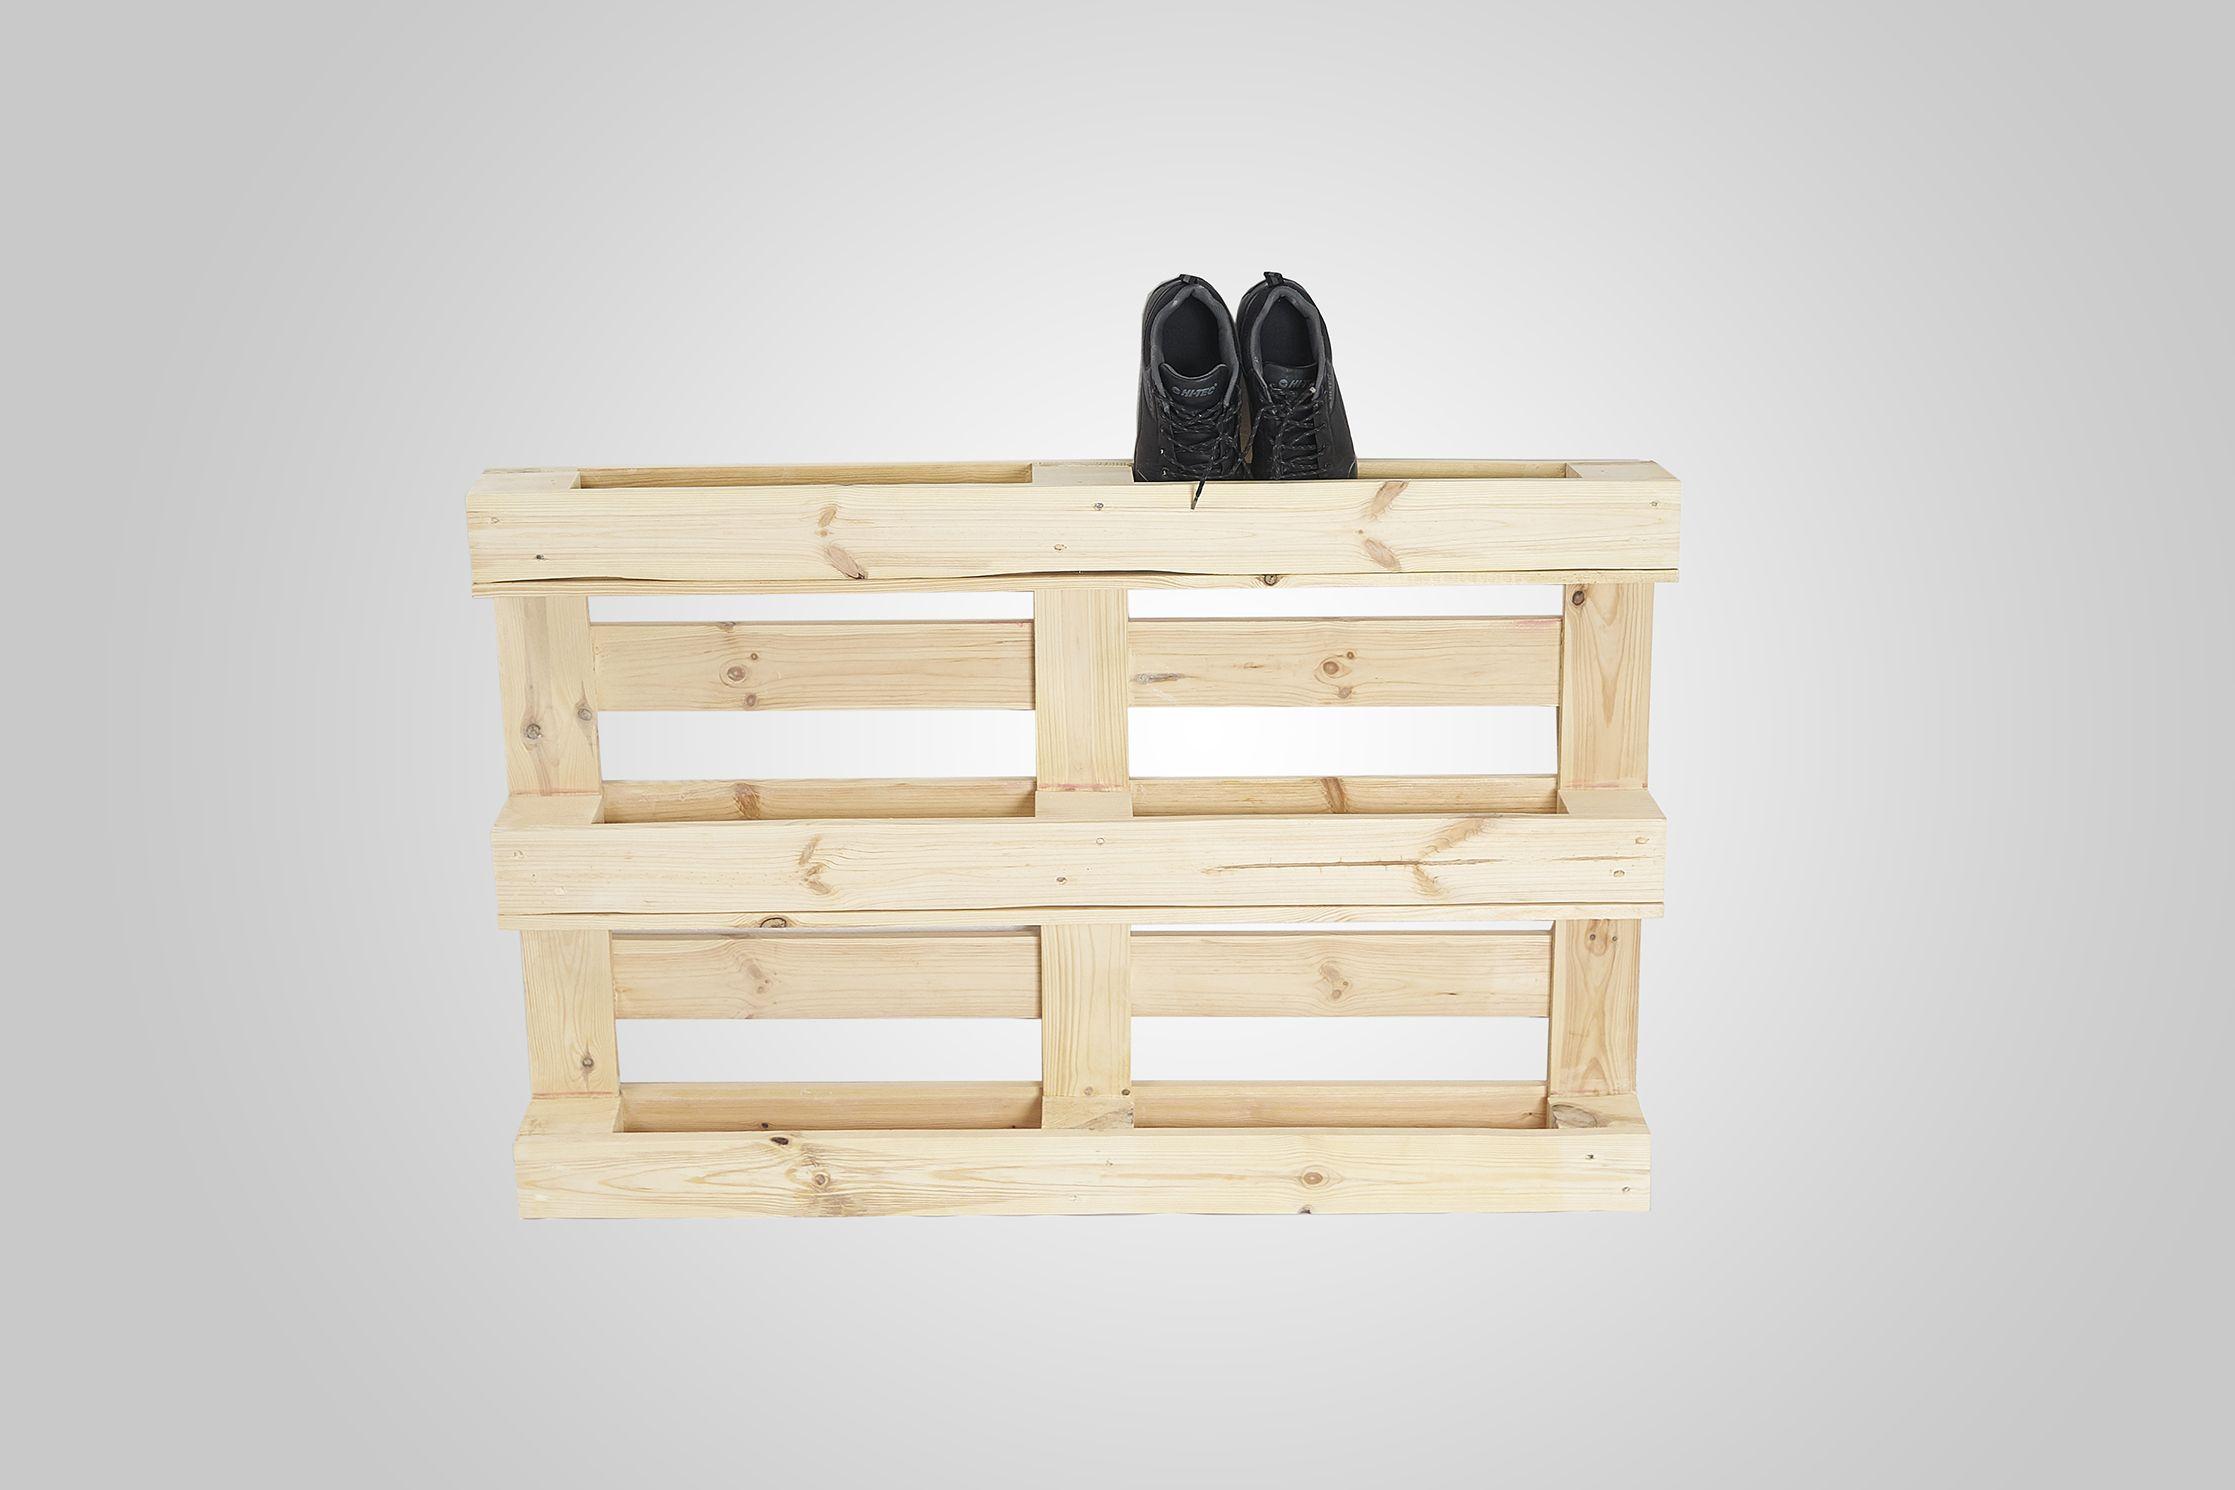 Szafka Na Buty Z Europalet Instrukcja Wykonania Na Stronie Zrodlowej Design Urzadzanie Urzarzaniewnetrz Urzadzaniewnetrza Inspiracj Shoe Rack Home Shoes